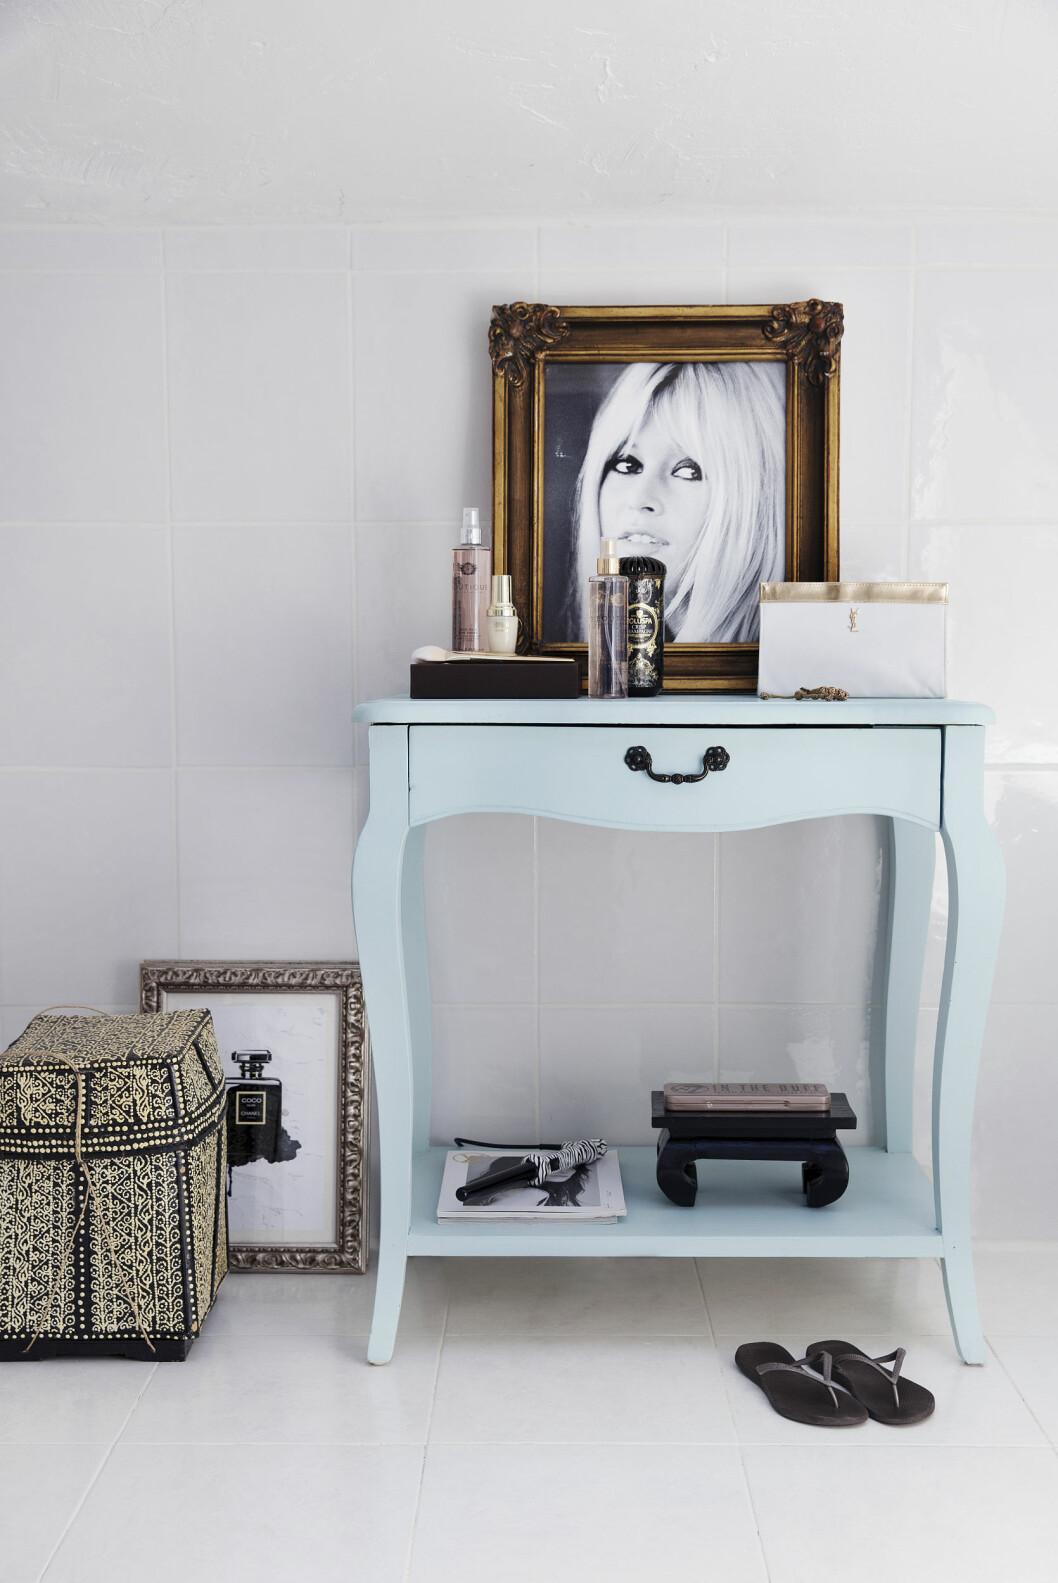 DELIKAT: Litt gjennomtenkt dekor gjør baderommet hjemmekoselig og vakkert. Foto: All Over Press Norway